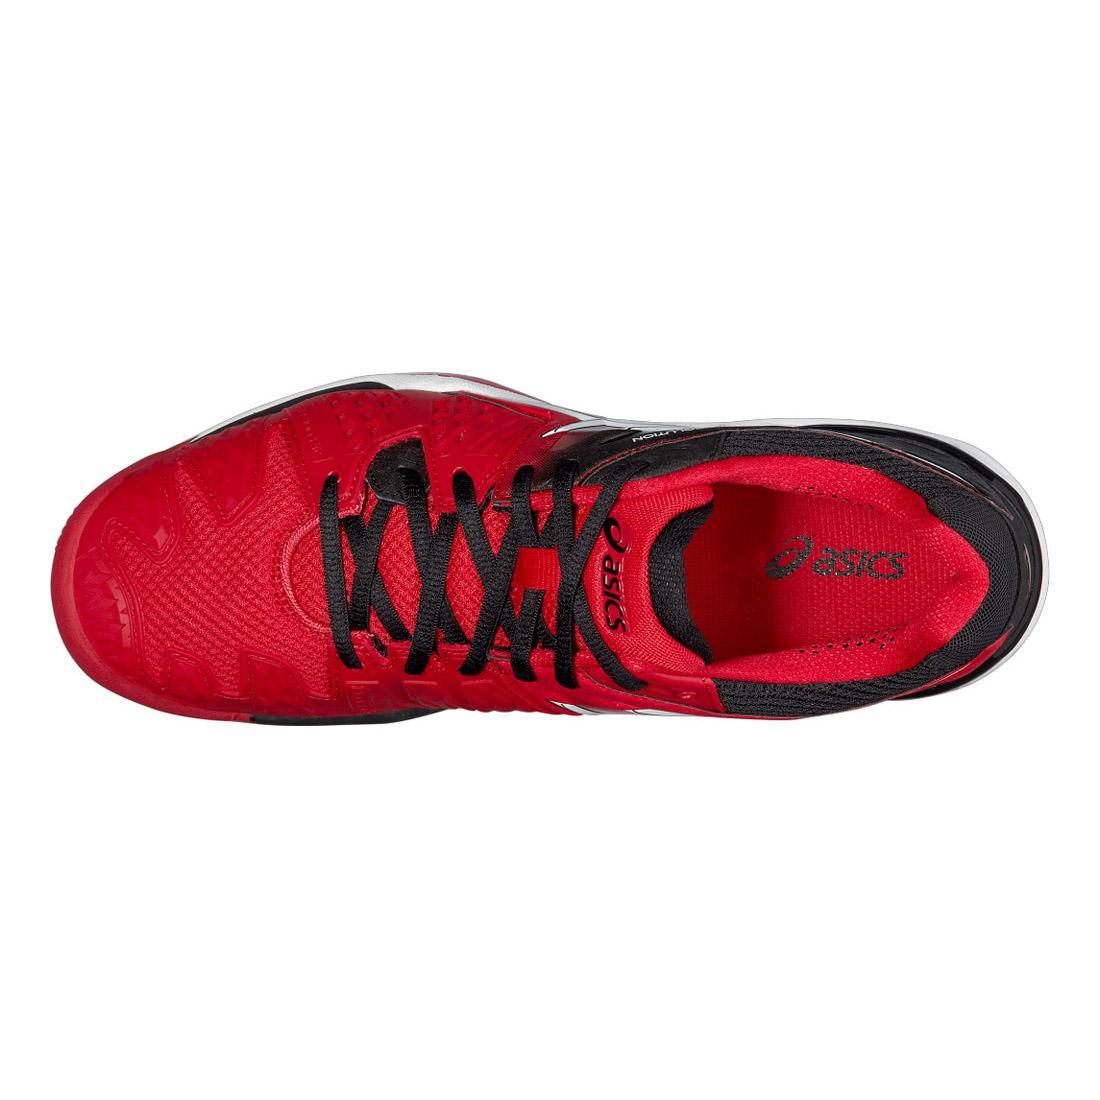 Gel De Resolución 6 Zapatillas De Tenis Asics De Los Hombres - De Color Rojo Fuego fn1NO